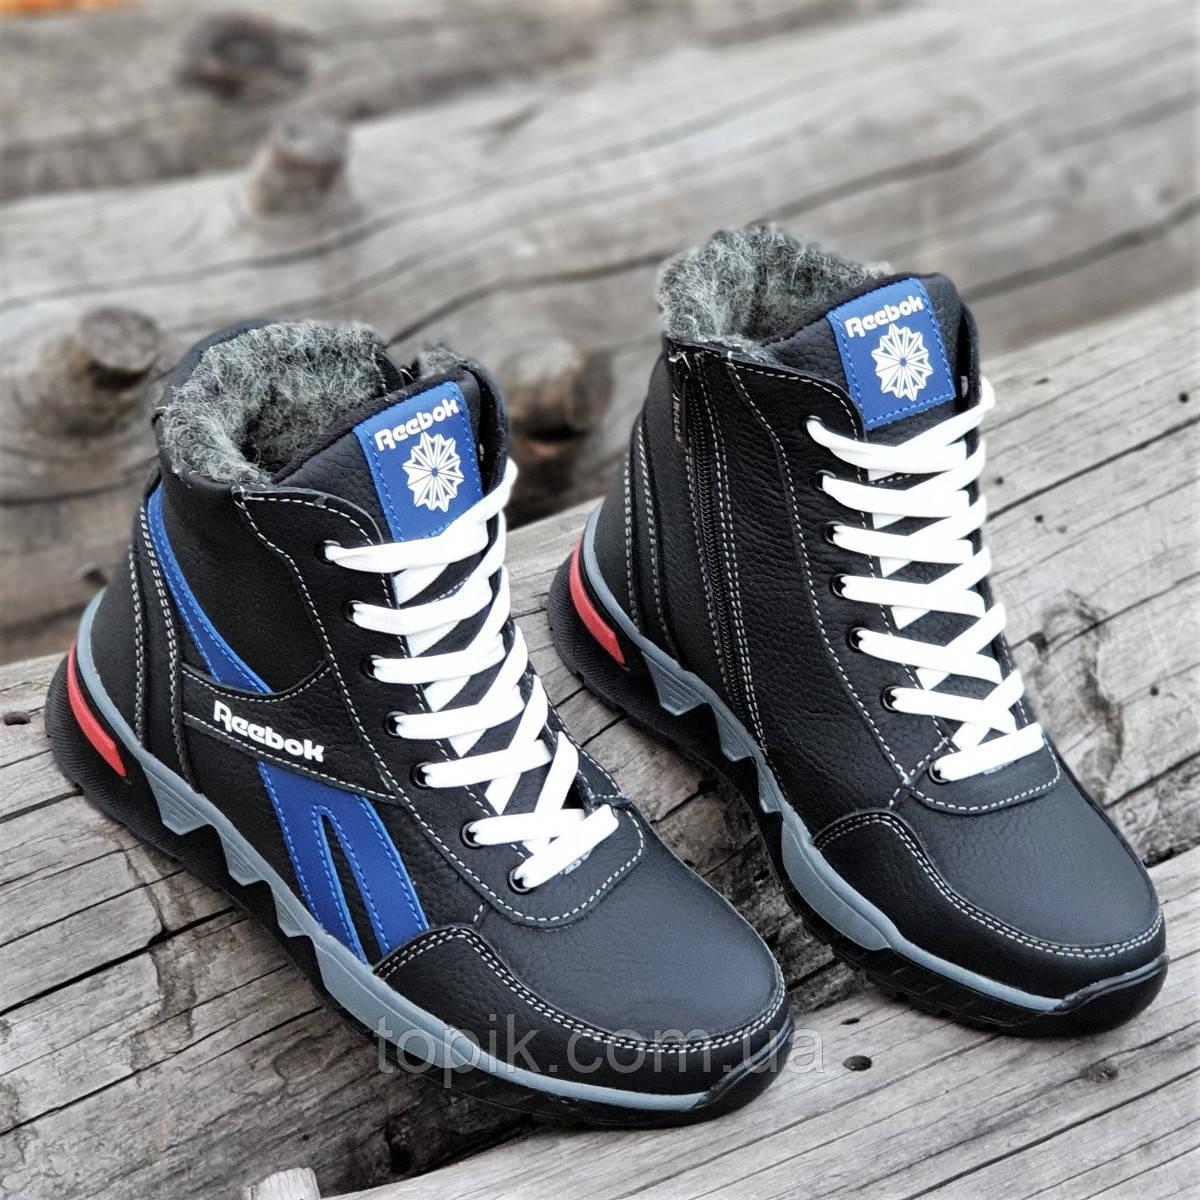 0a893eff Подростковые зимние высокие кроссовки ботинки Reebok реплика мужские  кожаные черные на меху (Код: 1255a